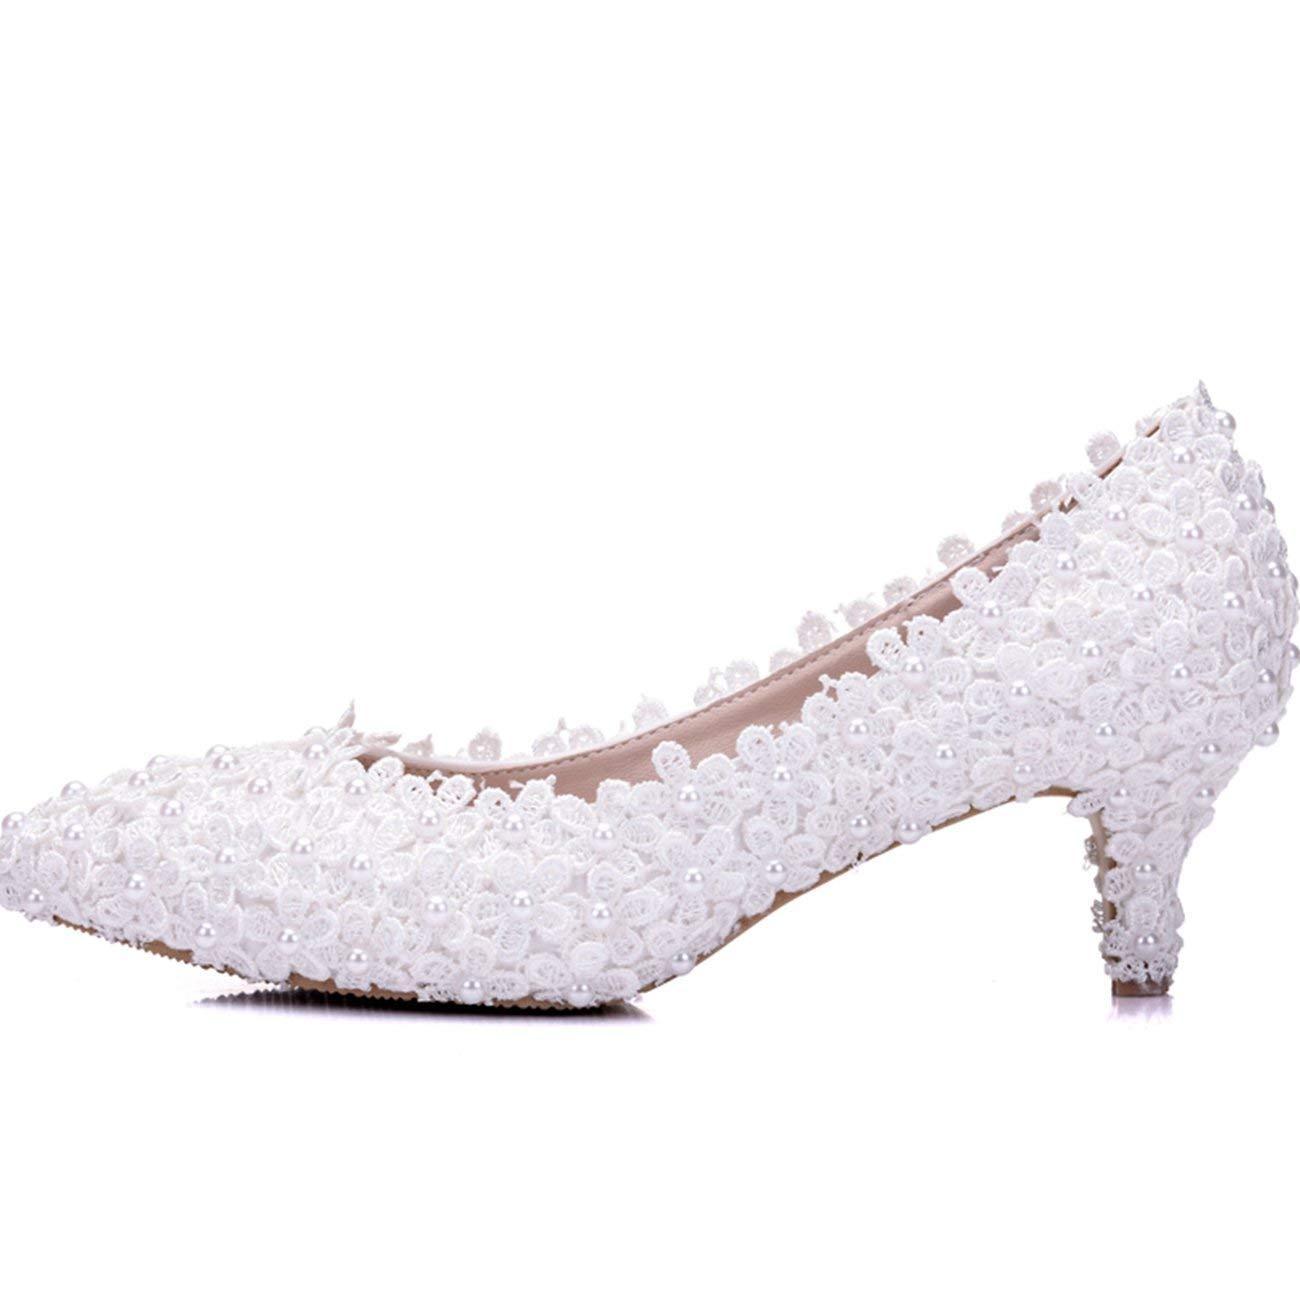 HhGold Damen Spitze Blaumen Blaumen Blaumen 2 Heel Slip-on Weiß Braut Hochzeit Formale Partei Abend Pumps Schuhe UK 3 (Farbe   -, Größe   -) 6ce676